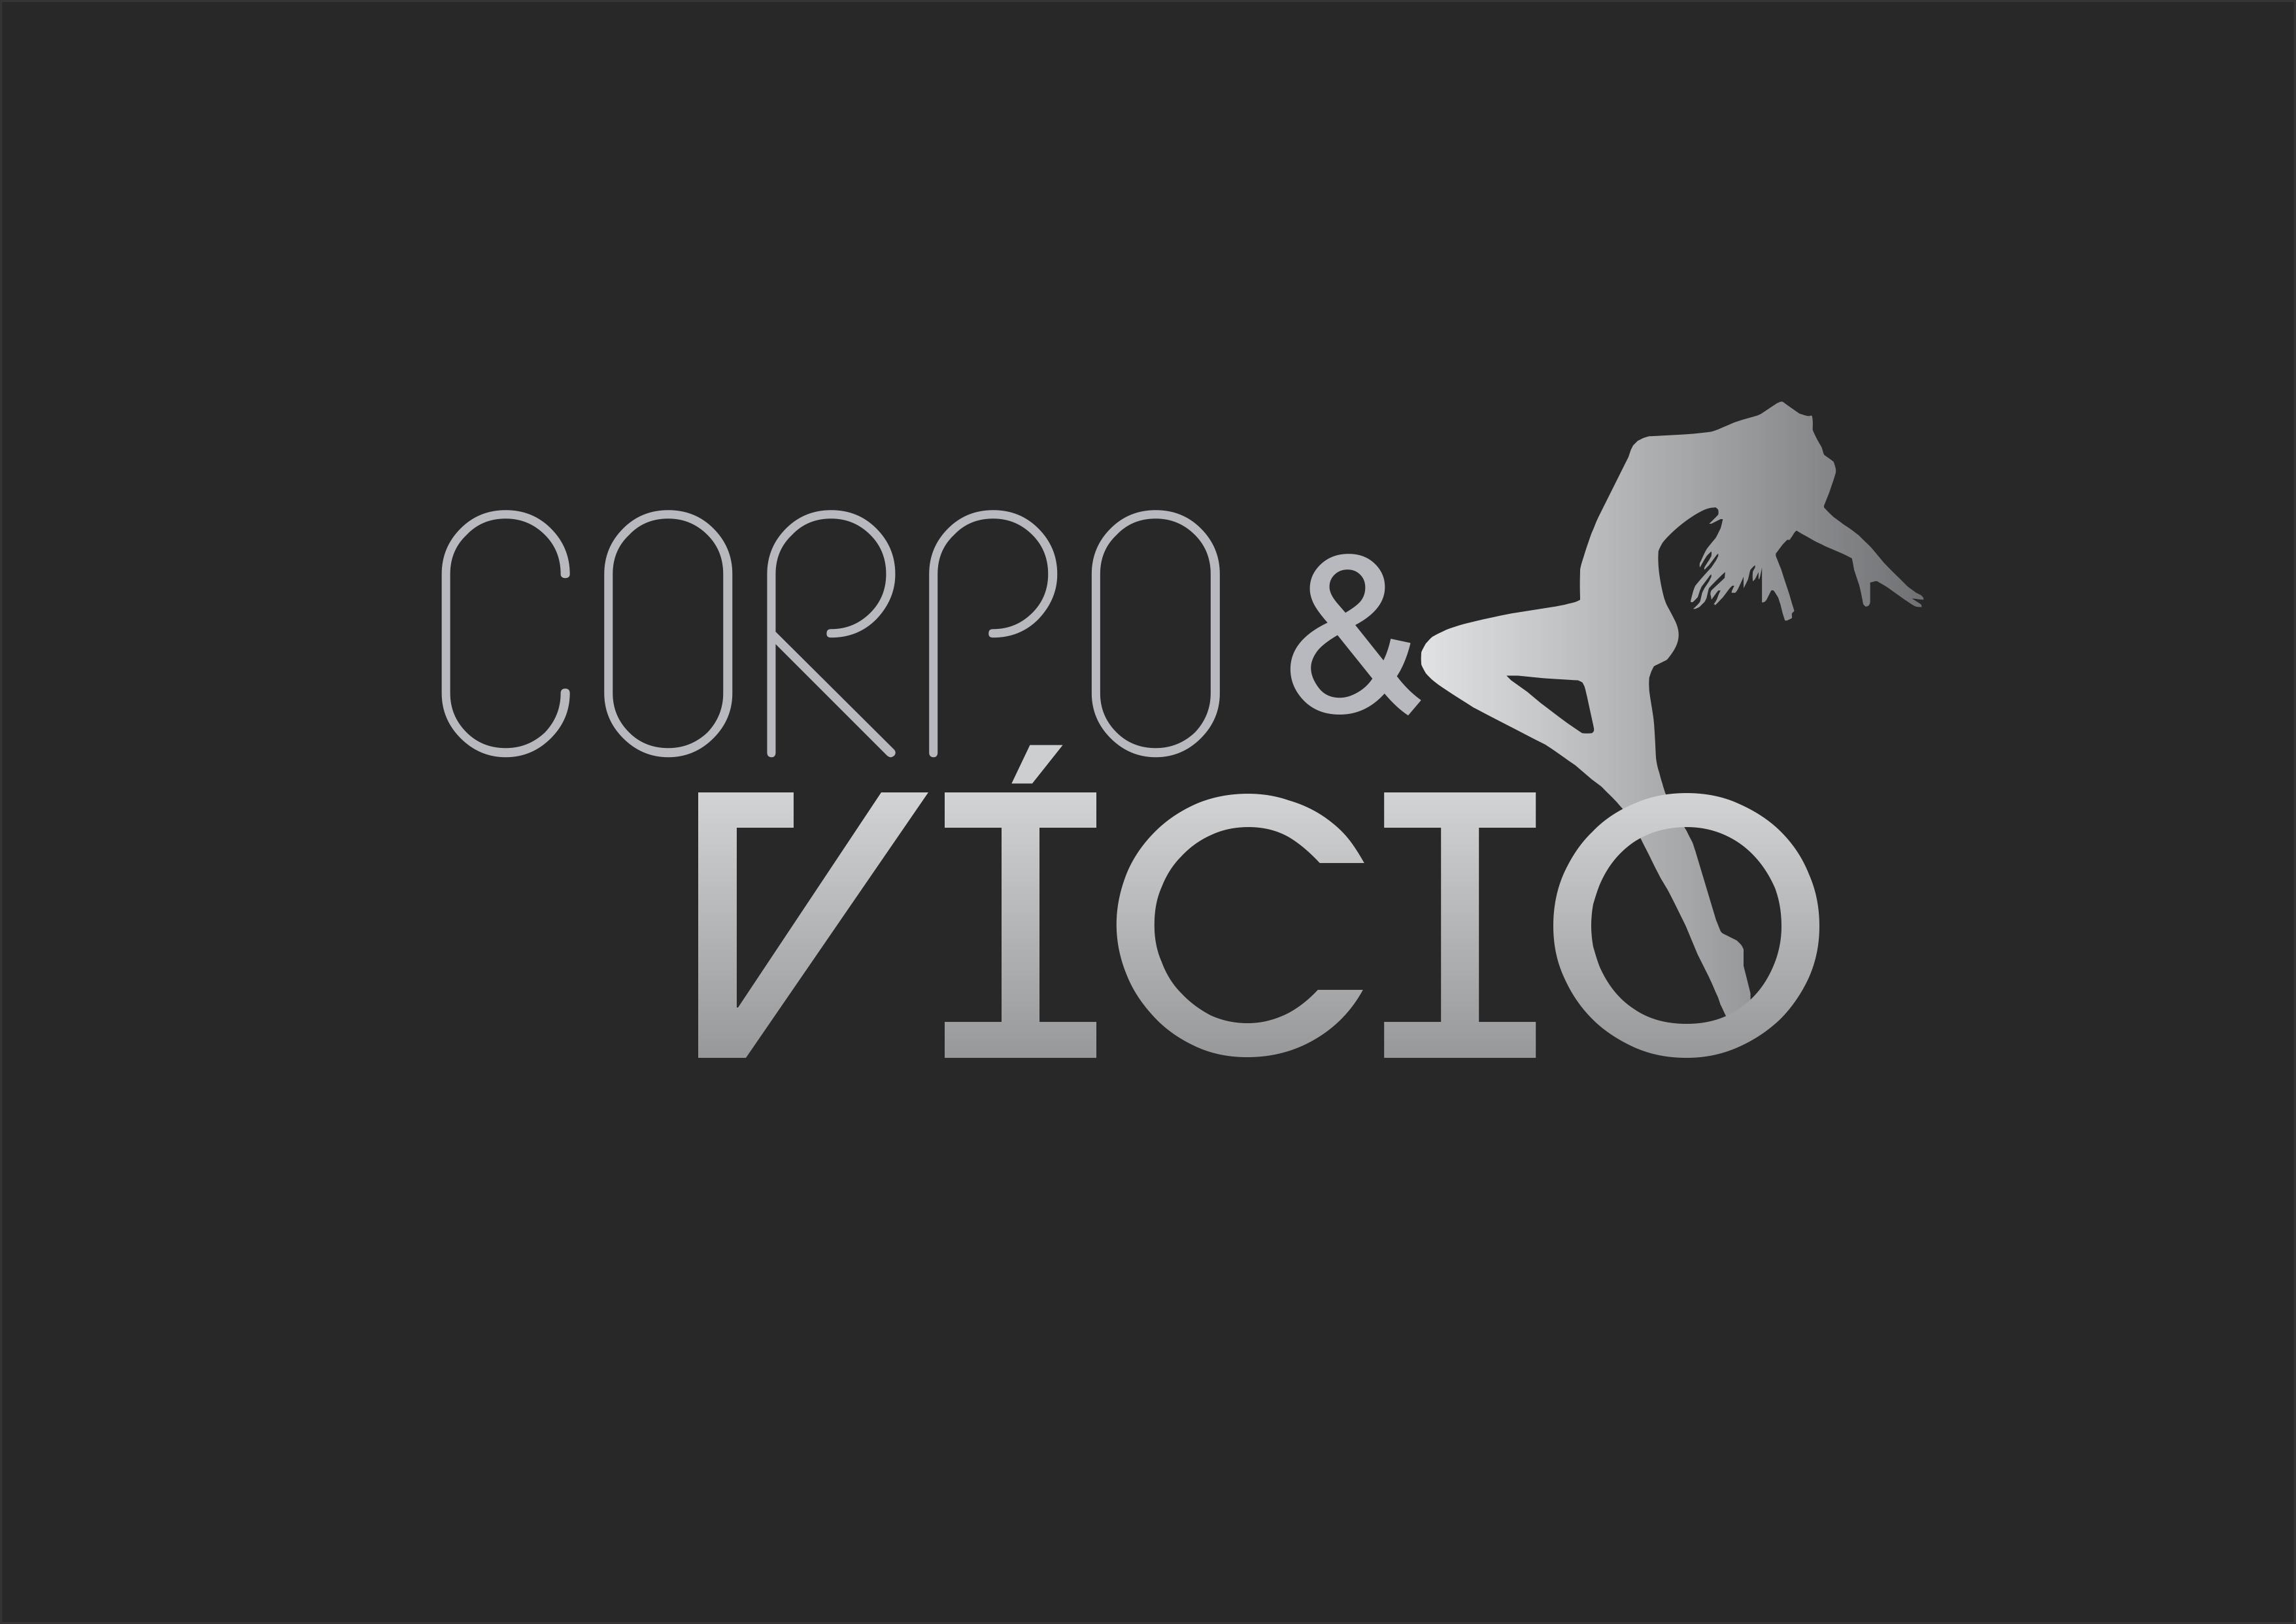 CORPO E VICIO 1